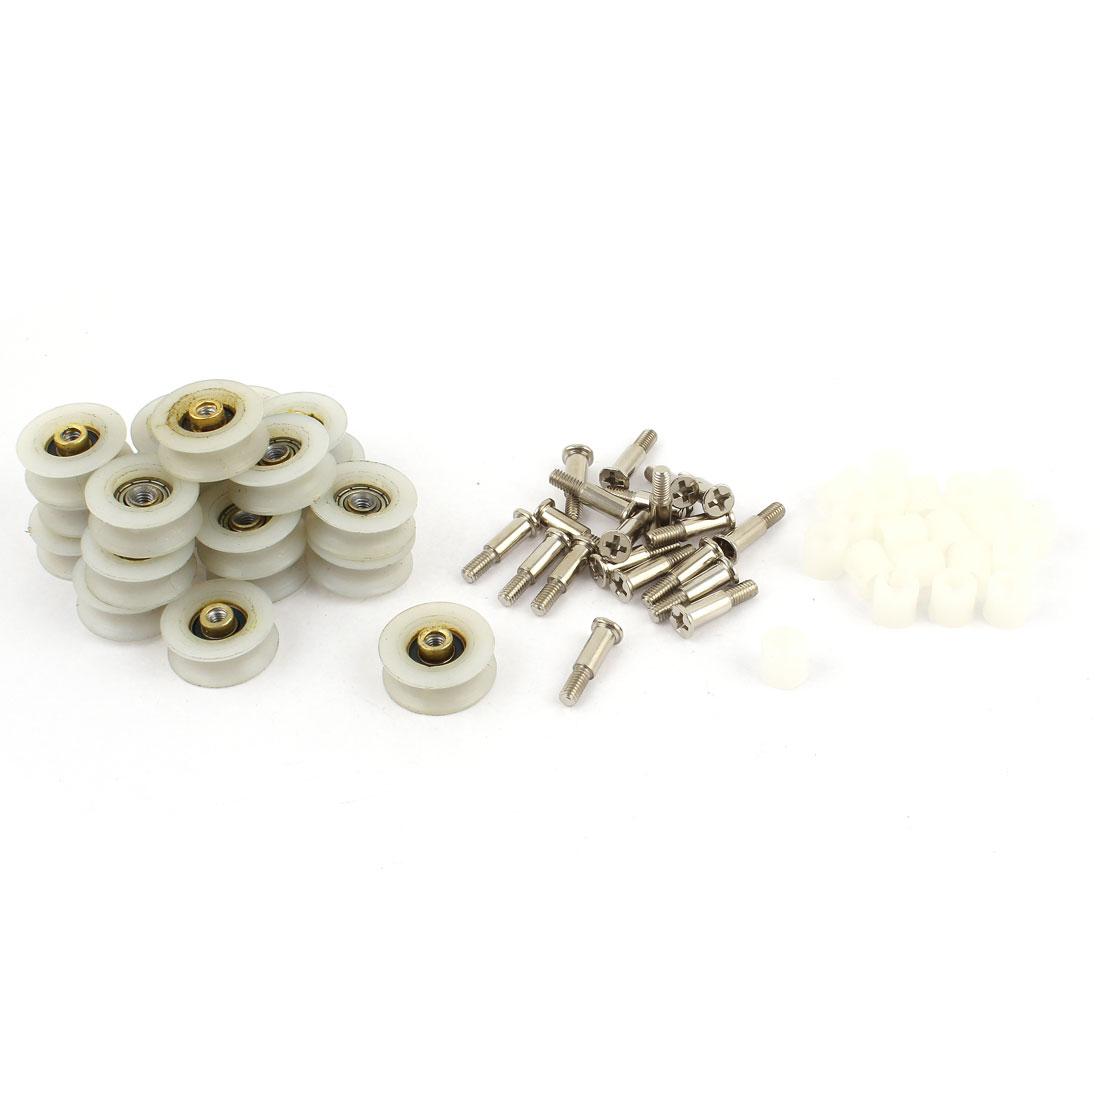 20 Pcs 22 x 9mm Sliding Gate Wheel Roller for Bathroom Sliding Door